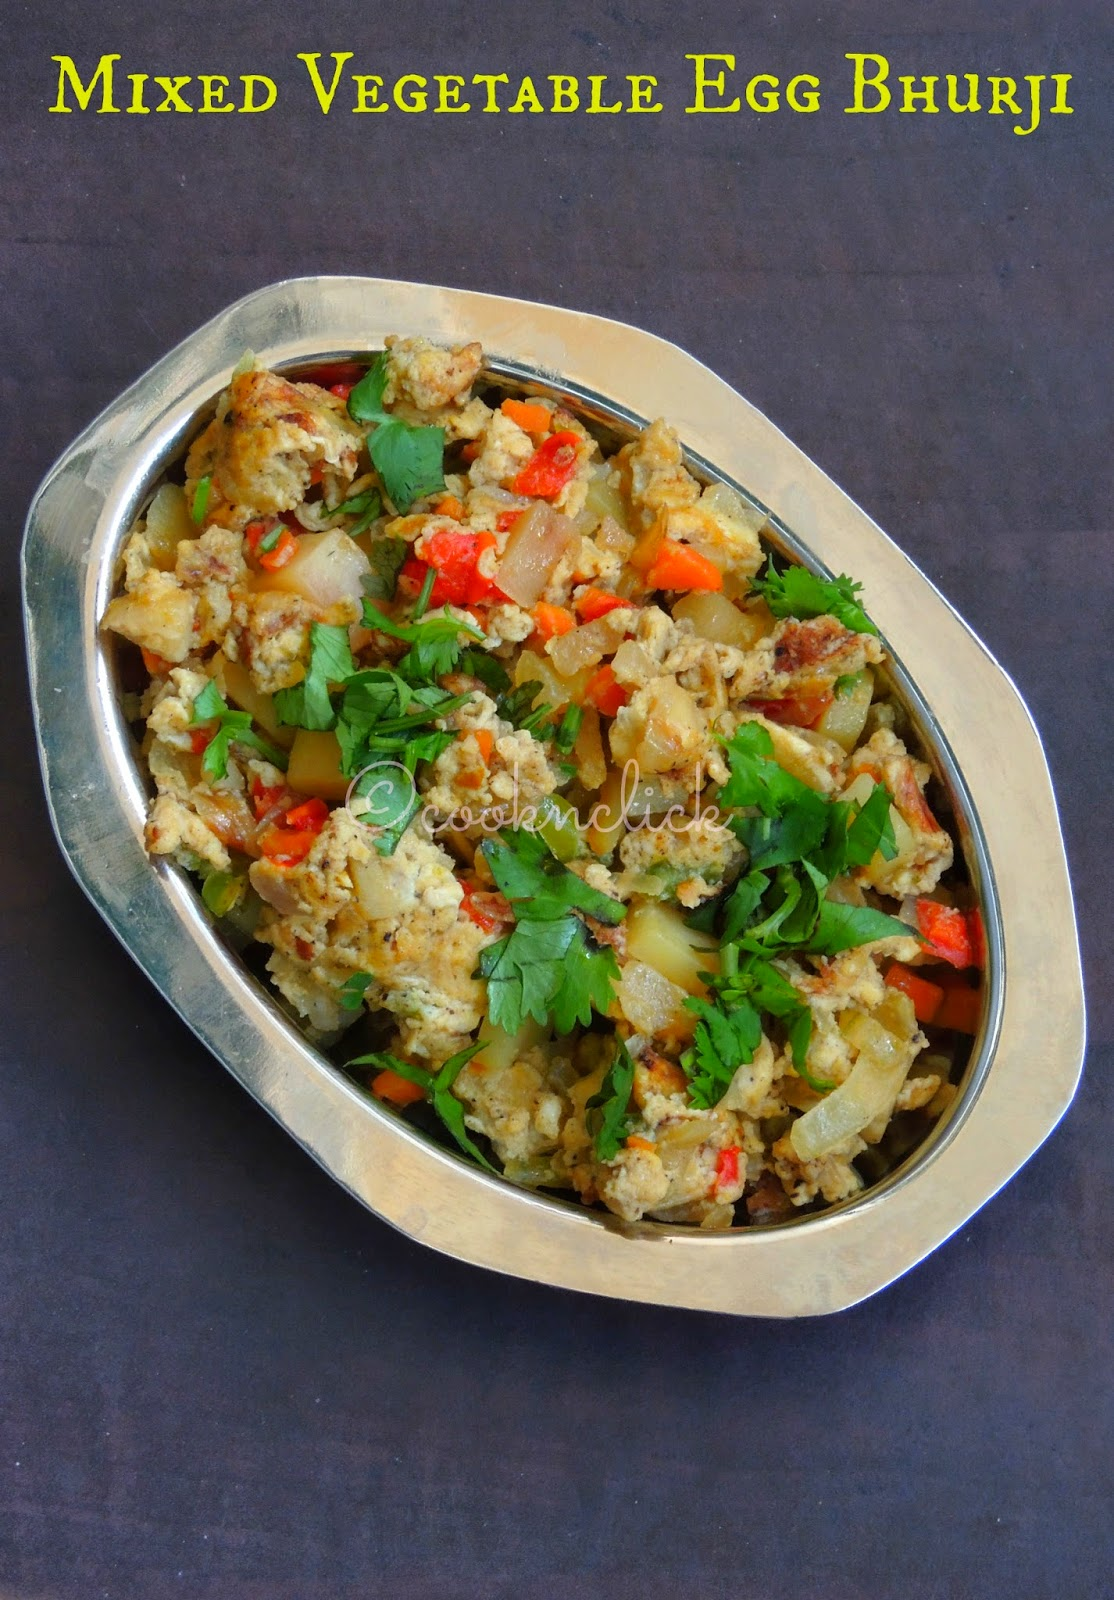 Kaaikari muttai masala poriyal, Egg bhurji